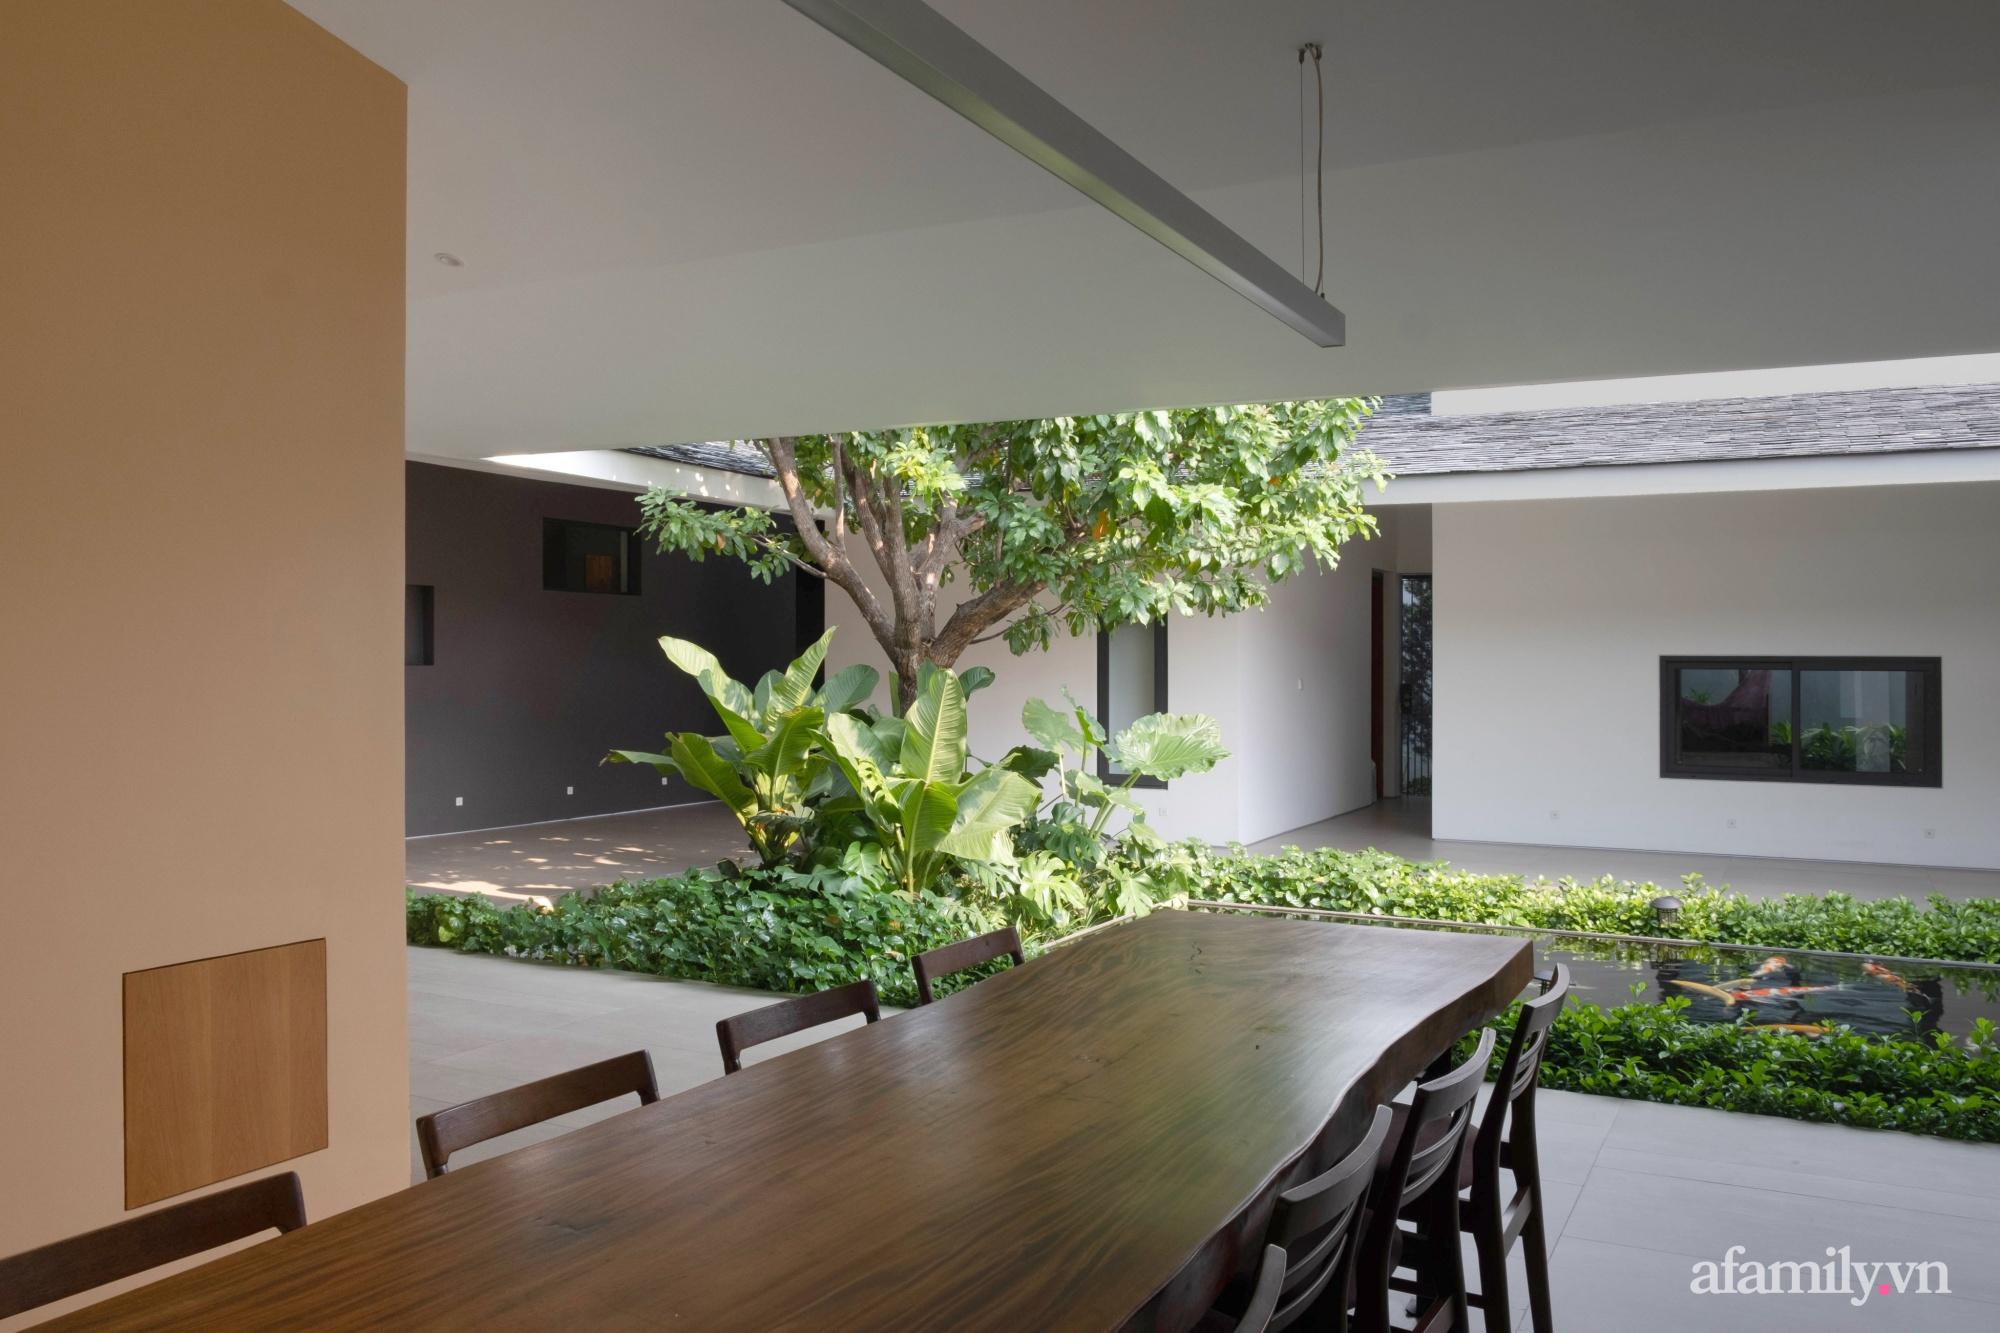 Ngôi nhà rợp mát bóng cây ở ngoại ô Sài Gòn tạo sự gắn kết cho gia đình 3 thế hệ - Ảnh 11.